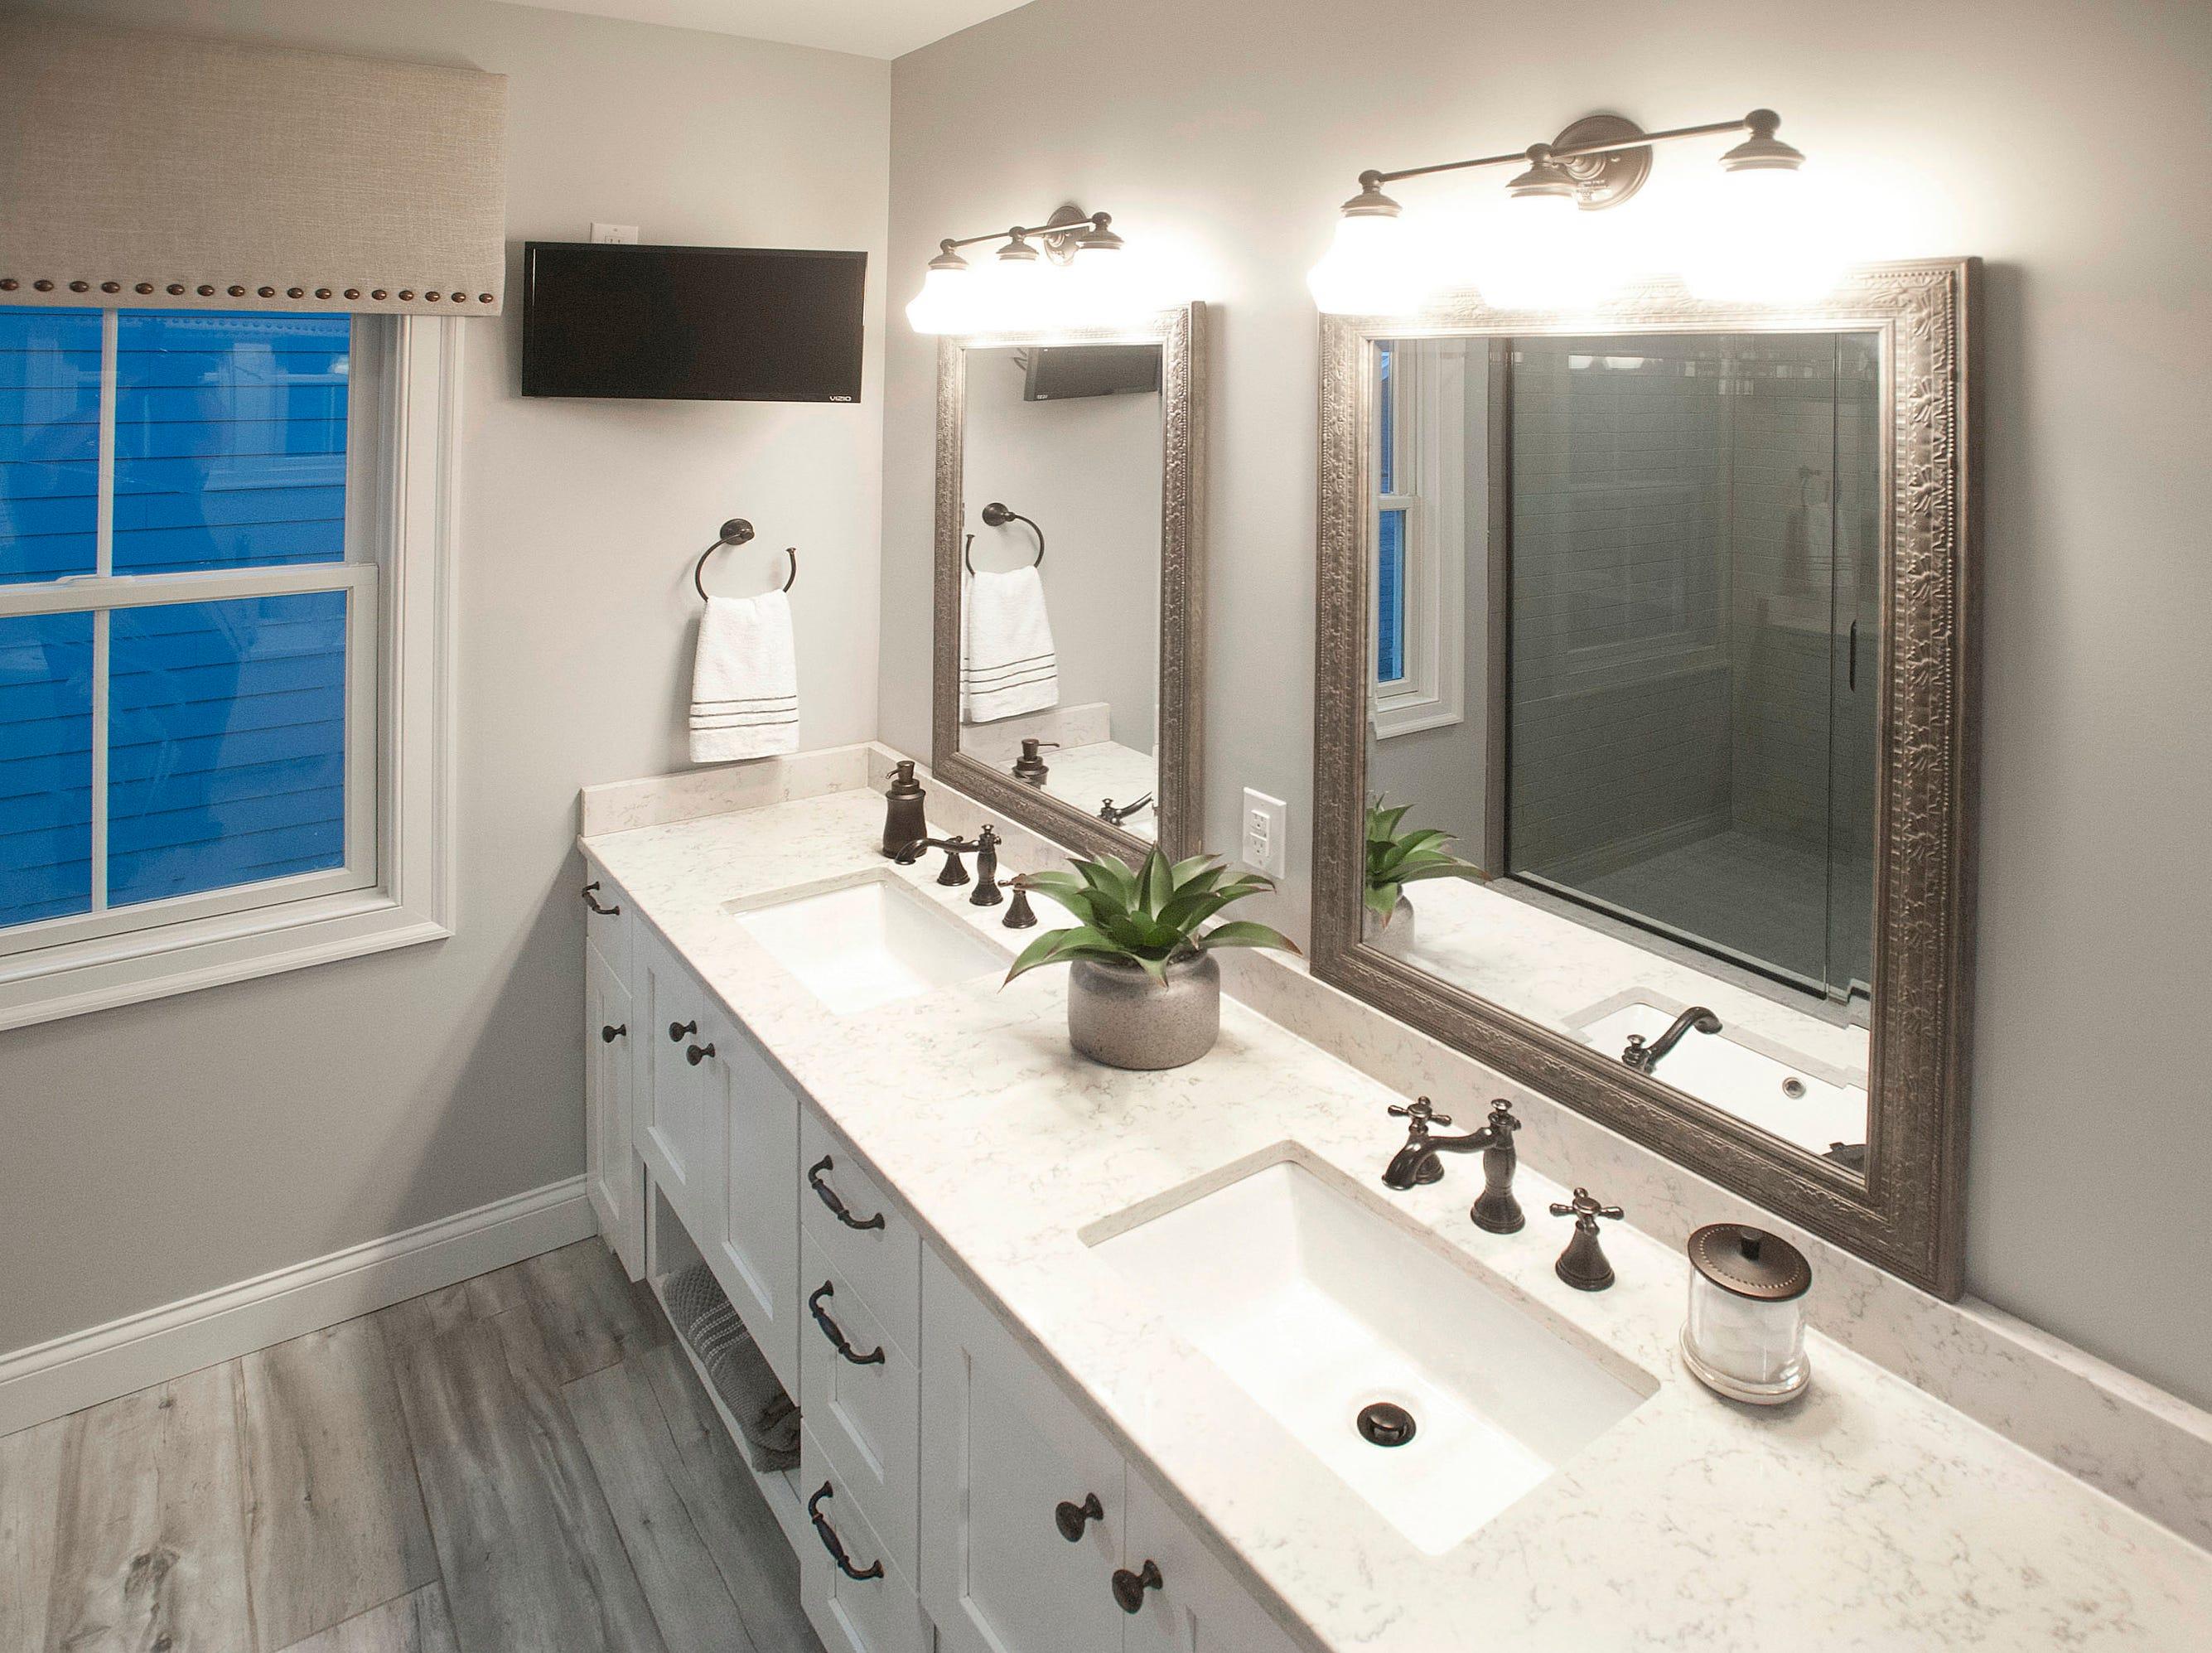 The Hannah master bathroom.01 March 2019